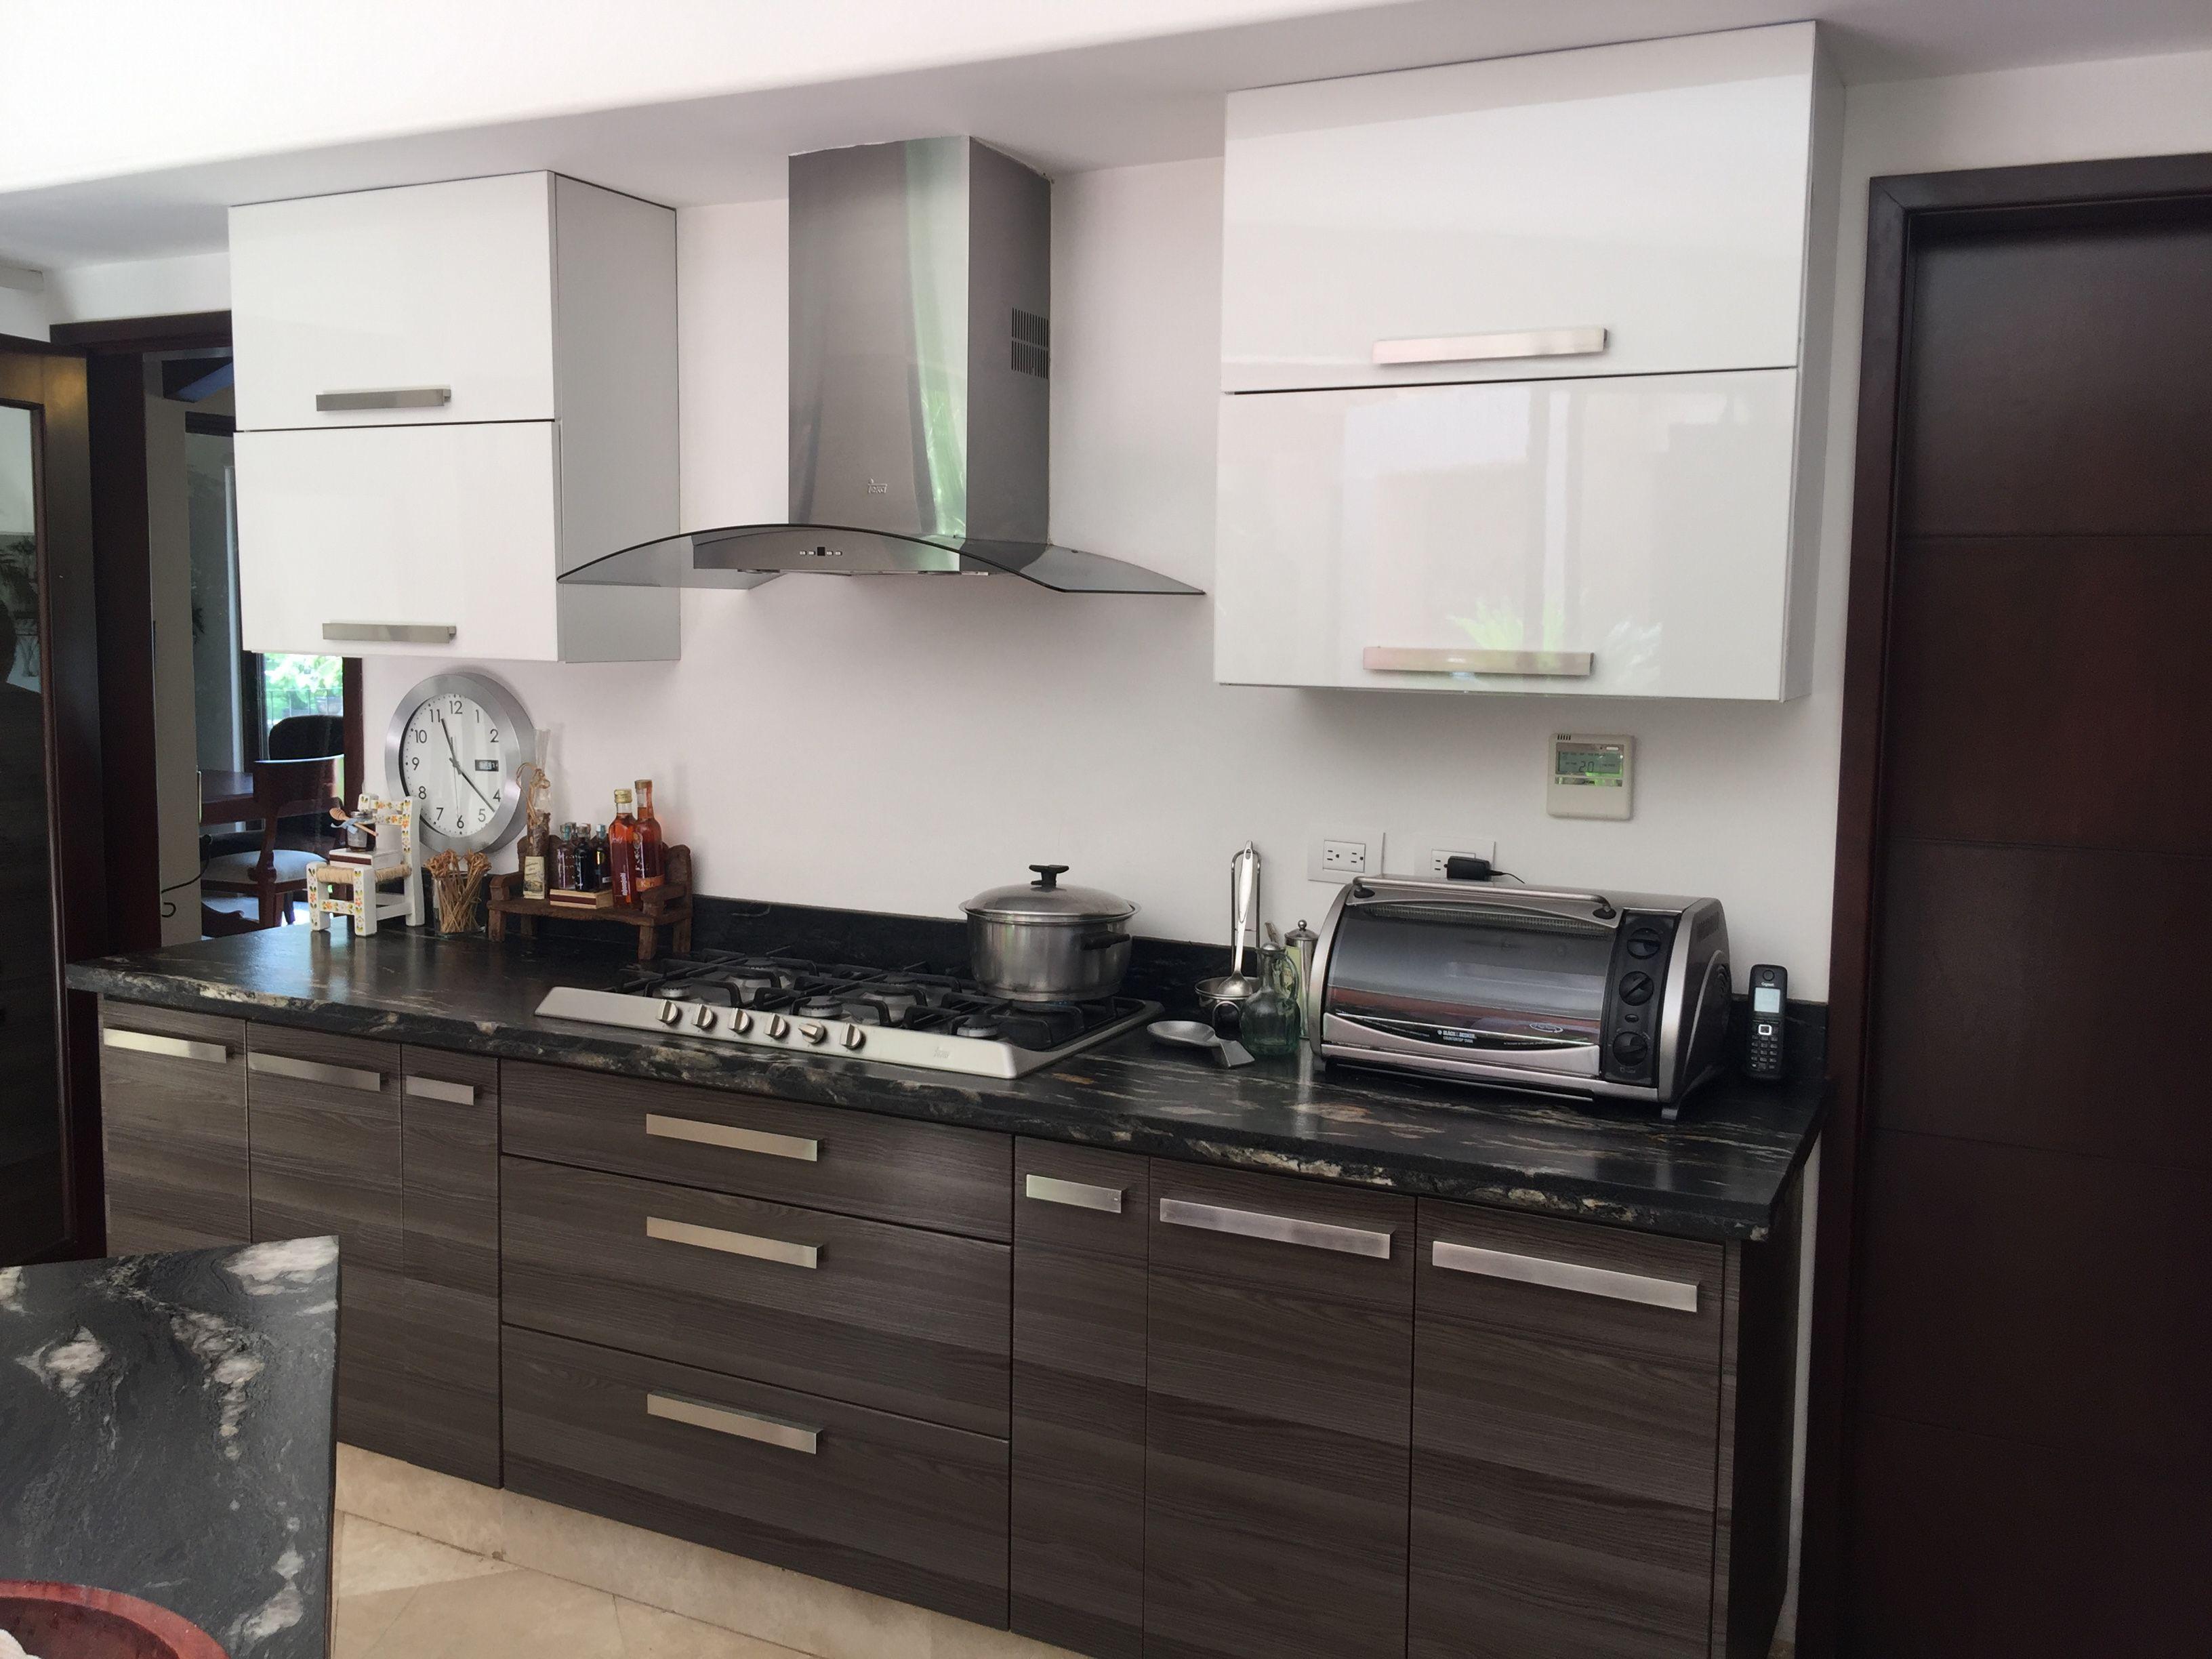 cocina integral moderna cocinas integrales modernas On modulos cocinas integrales